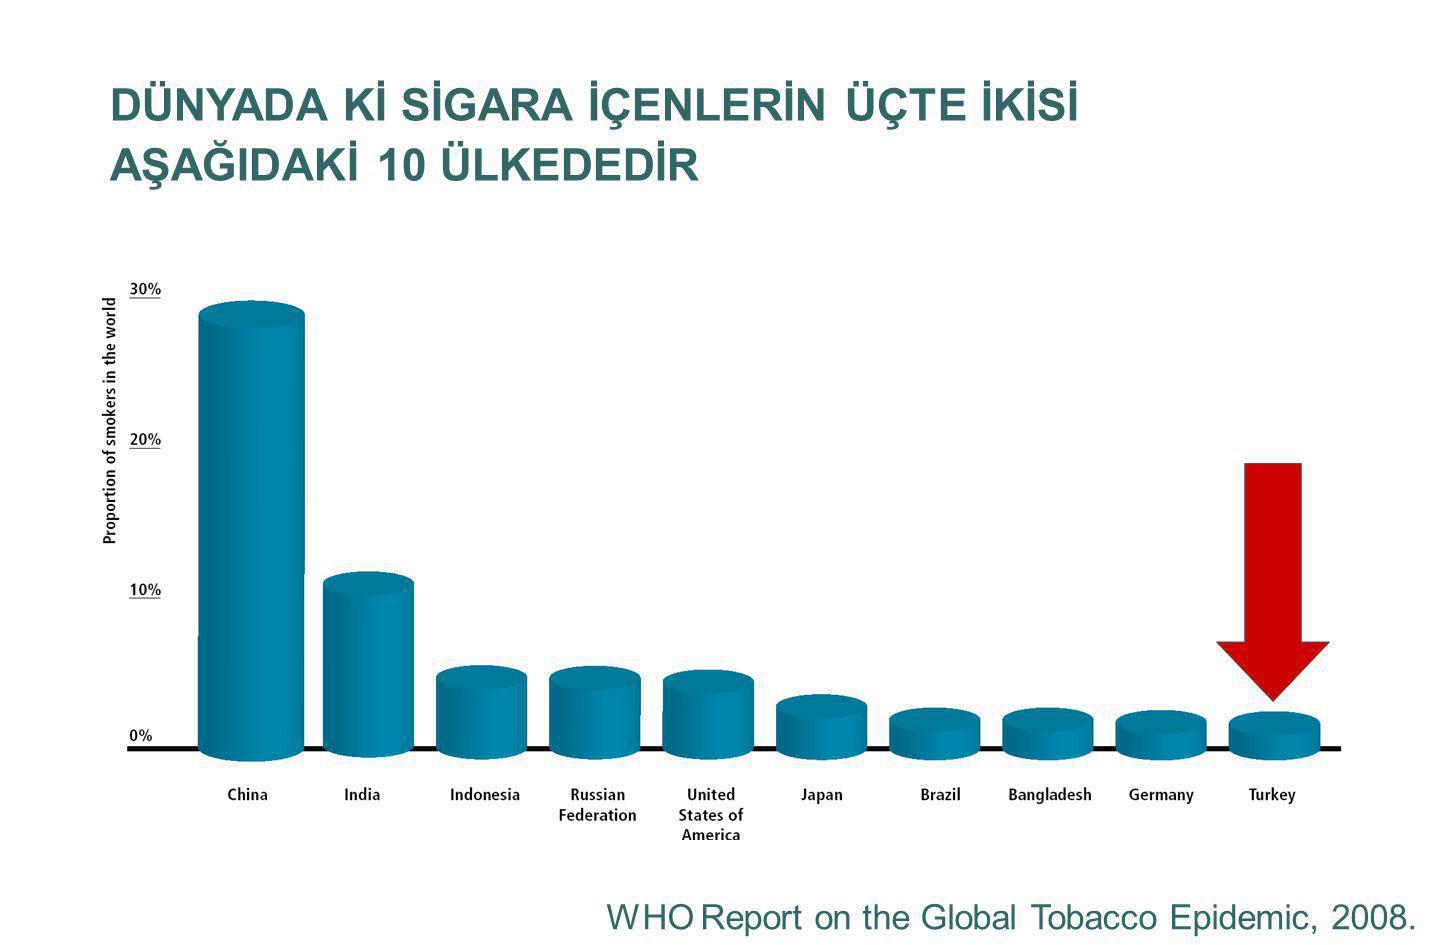 Tütün Salgını dünyanın en önemli salgını ve durum giderekte kötüleşmekte Dünya genelinde sadece 3 önemli ölüm nedeni artmaktadır: •HIV •Obesite •Sigara kullanımı •Sigara kullanımı yetişkinlerin % 12'sinin ölümüne neden olmakta ve 2020 yılında 10 milyon kişinin ölümüne neden olacaktır